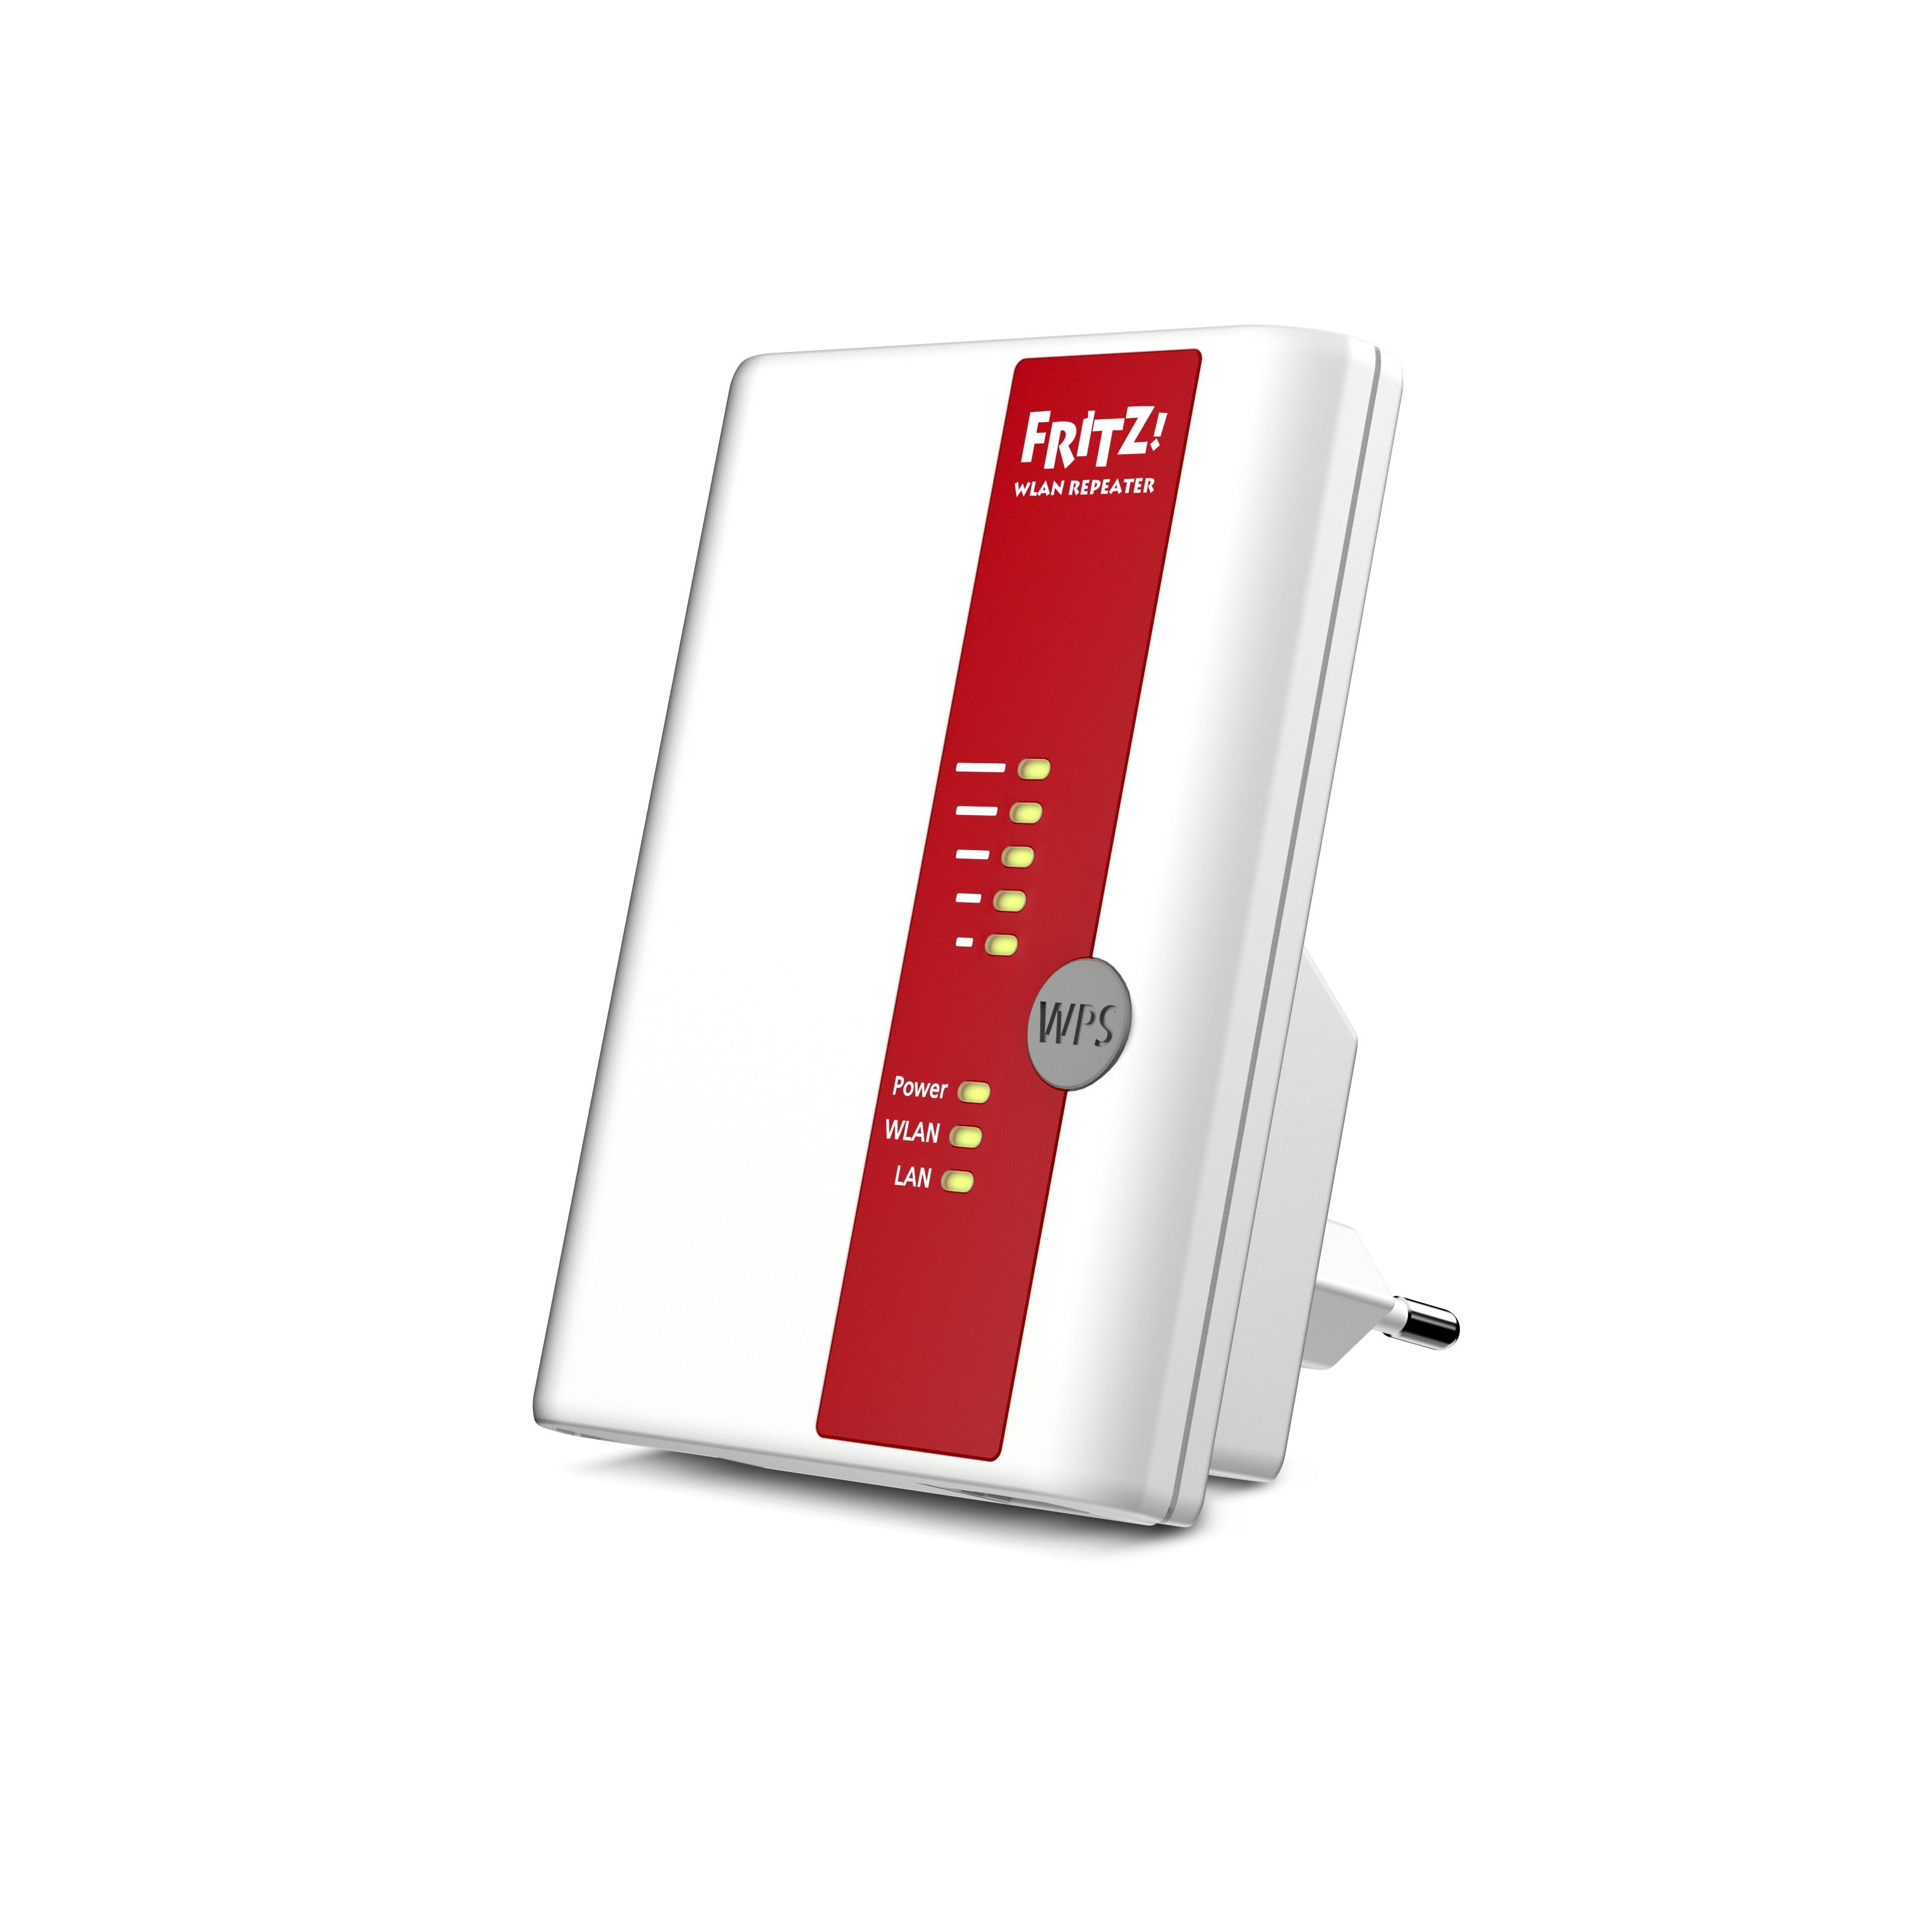 AVM FRITZ!WLAN Repeater 450E - DE 450Mbit/s